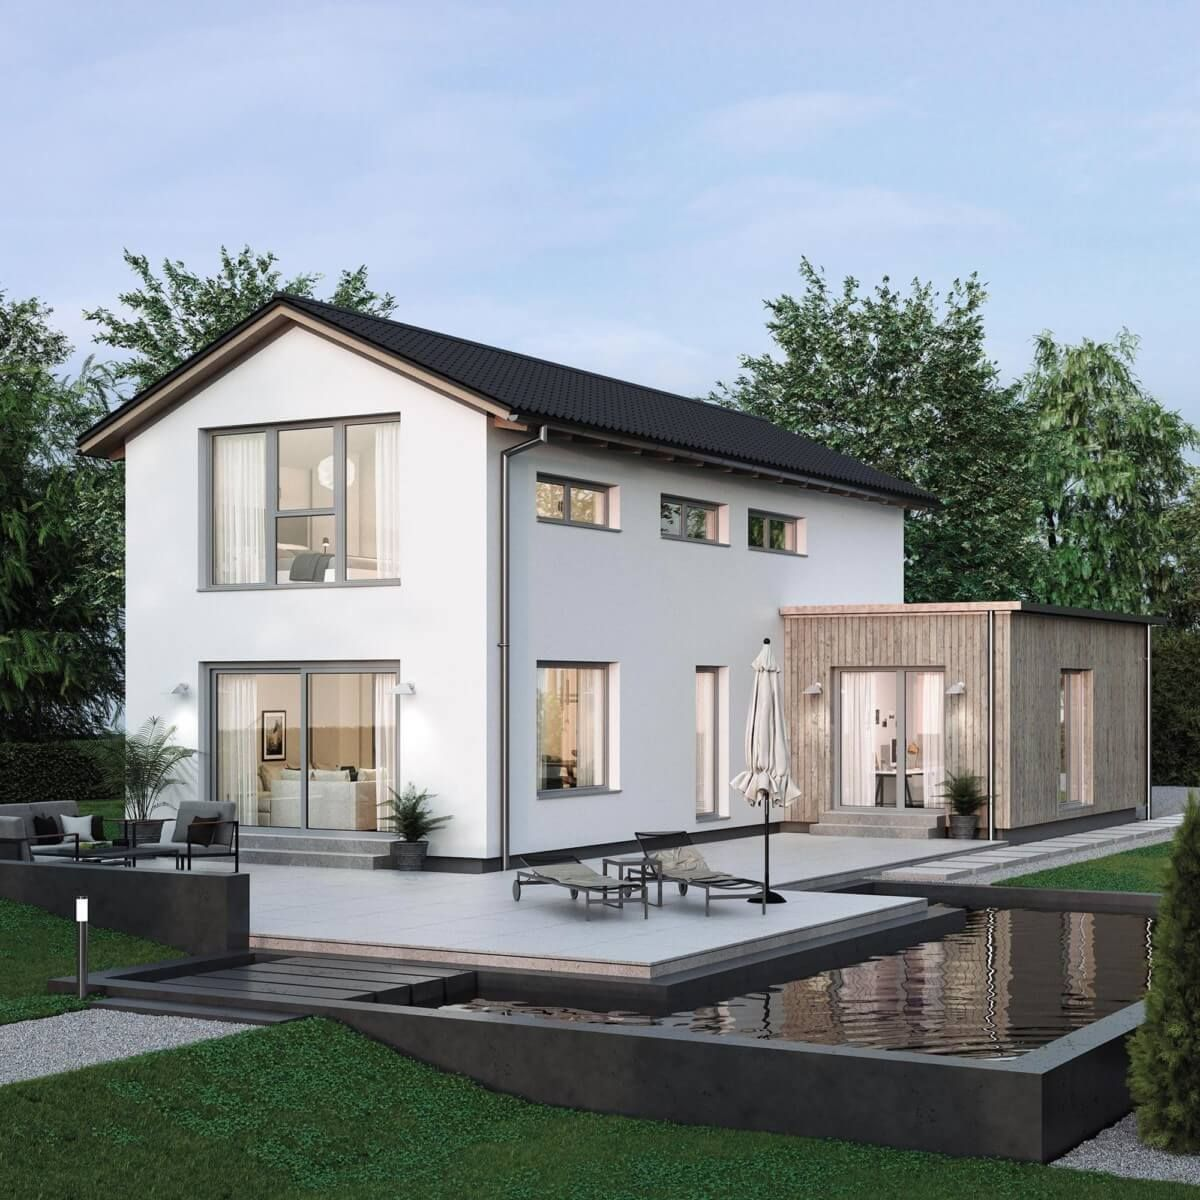 Modernes Einfamilienhaus Schmal Mit Satteldach Architektur U0026 Büro Anbau   Haus  Bauen Ideen ELK Haus 117